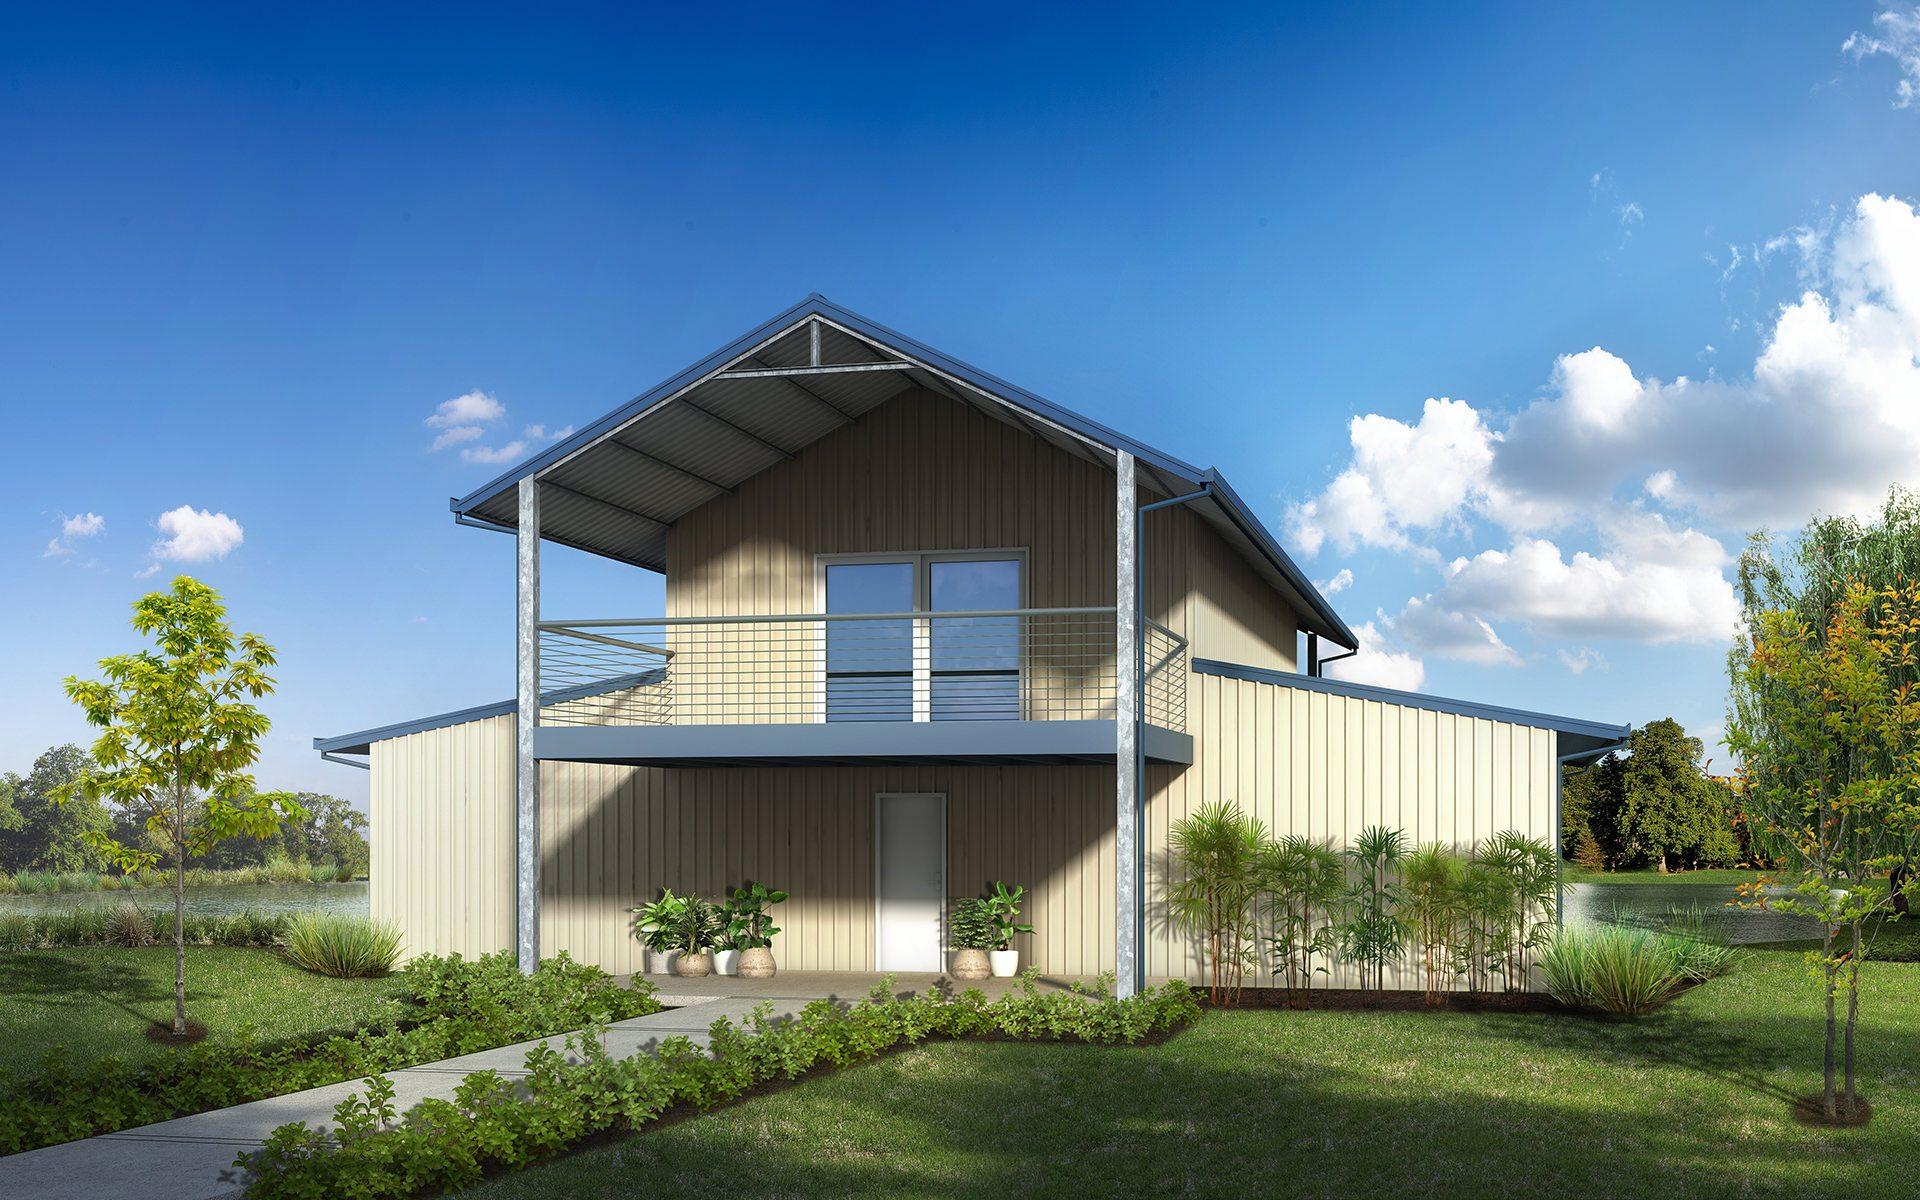 Fullsize Of American Barn Homes